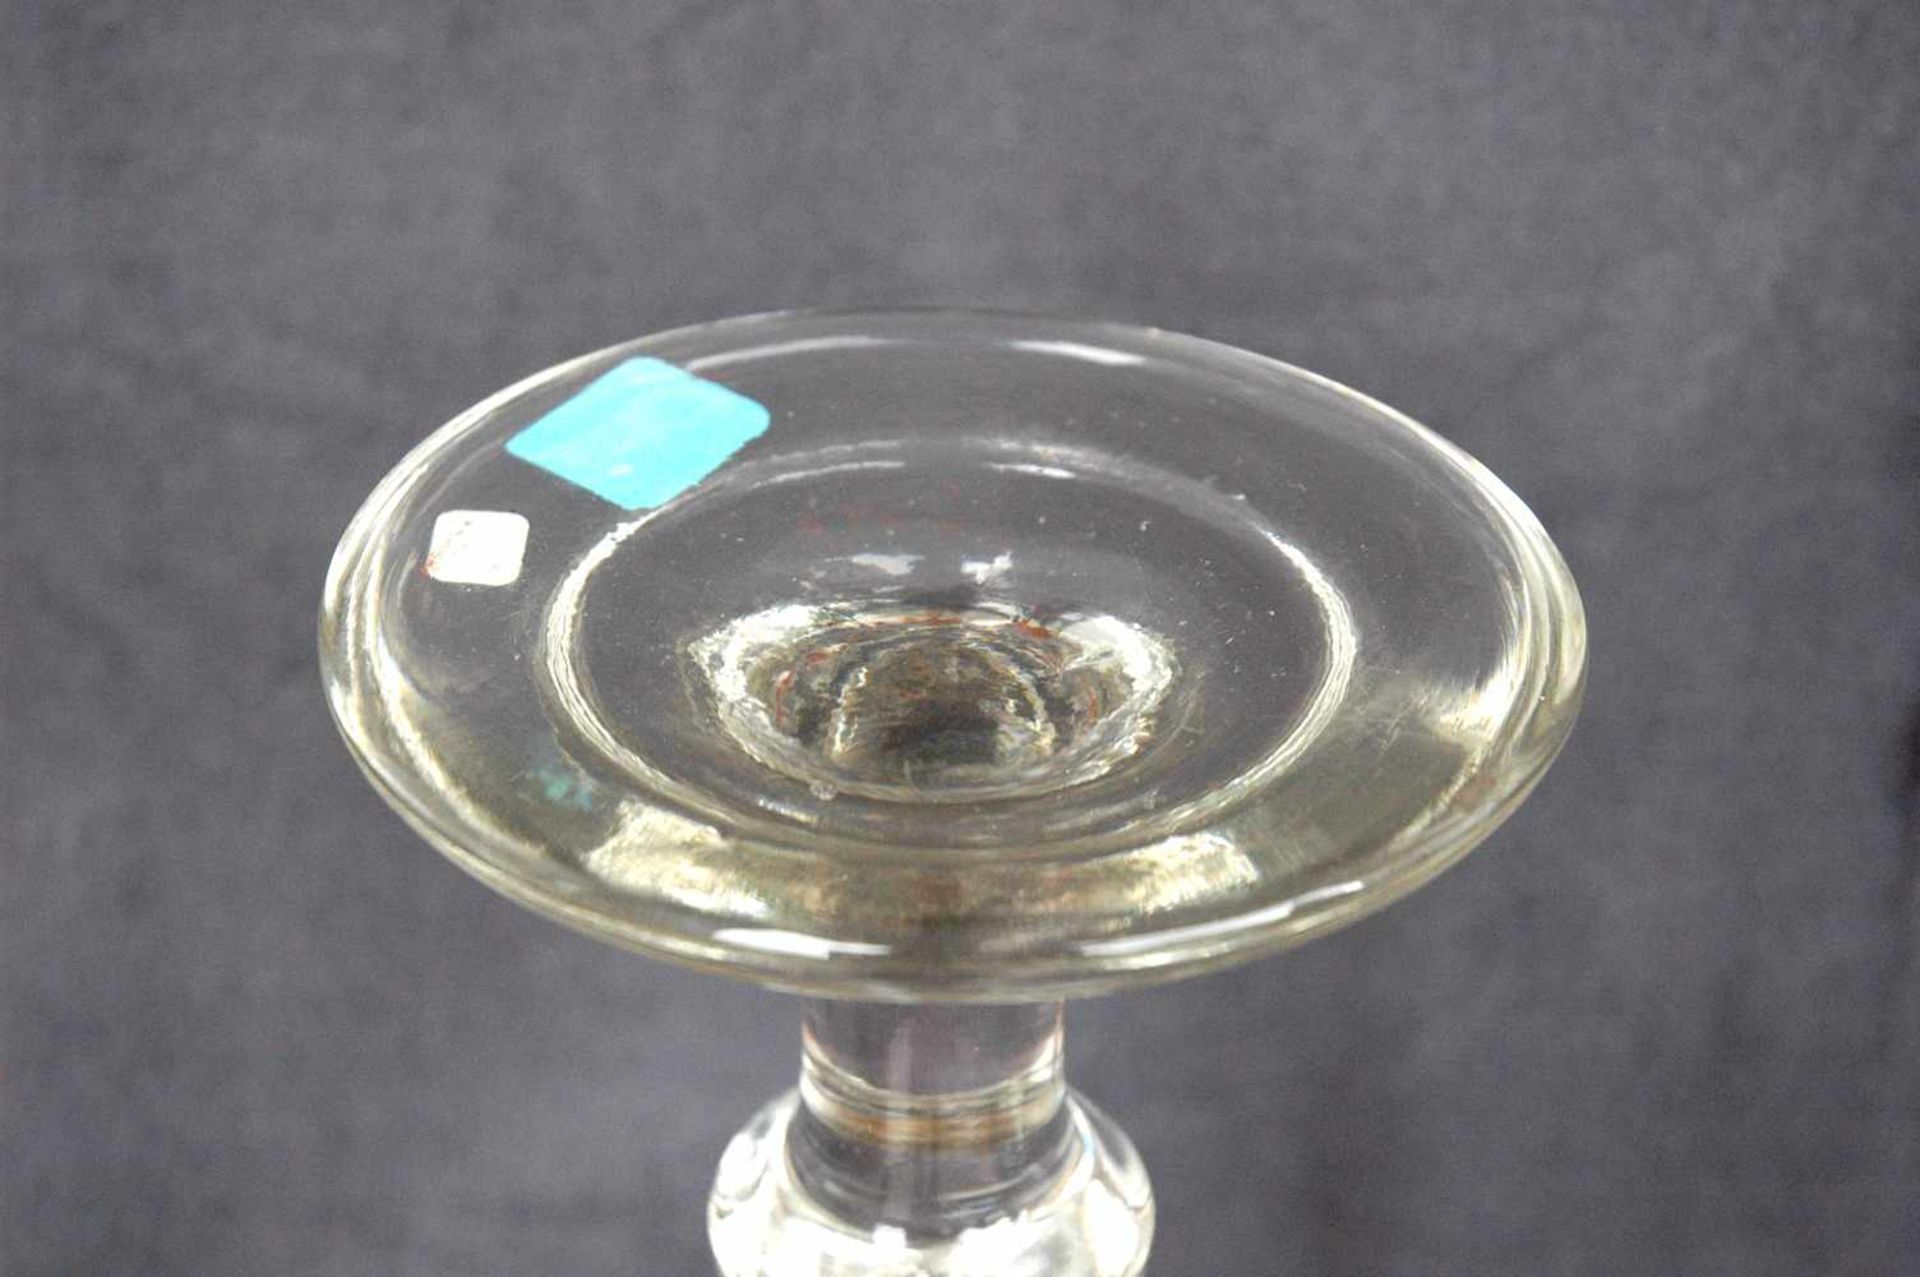 Biedermeier-Glas: Fußschale mit weißem Emaille-Rand,h= 23,5 cm, Dm. Kelch= 18,5 cm - Bild 4 aus 4